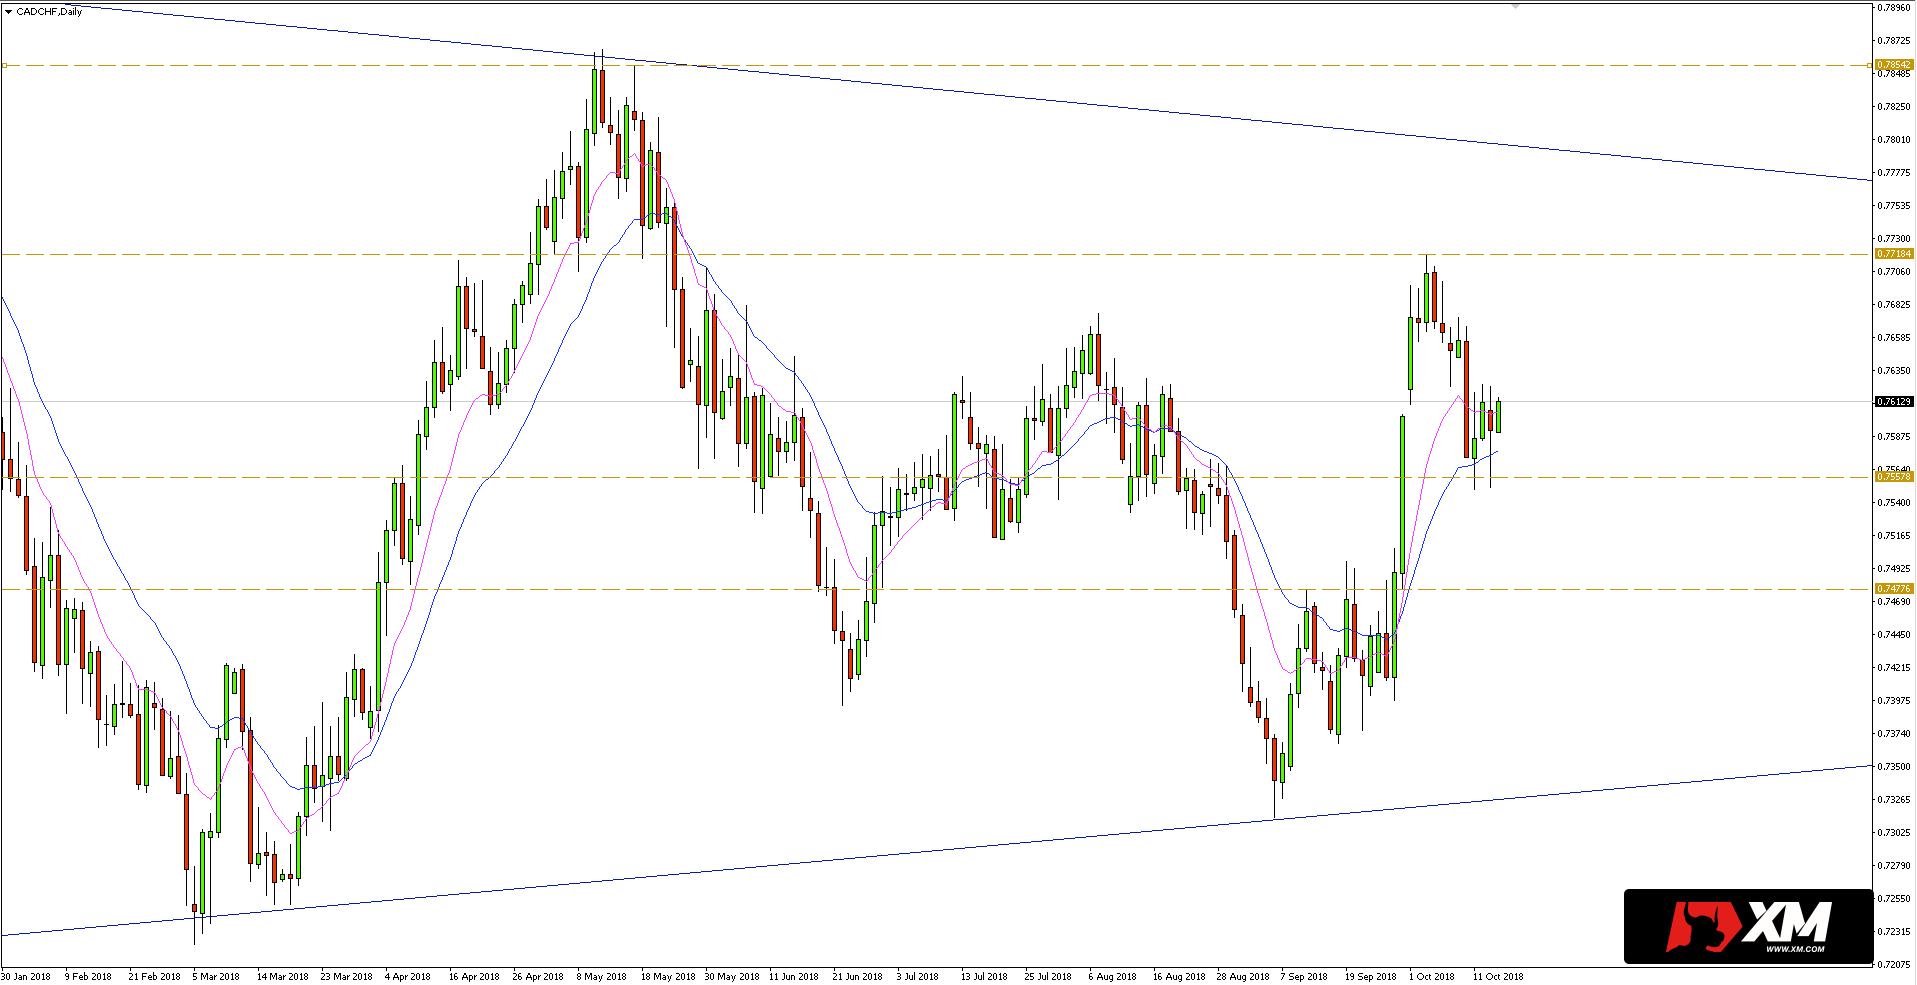 CADCHF - czas na powrót do momentum wzrostowego?